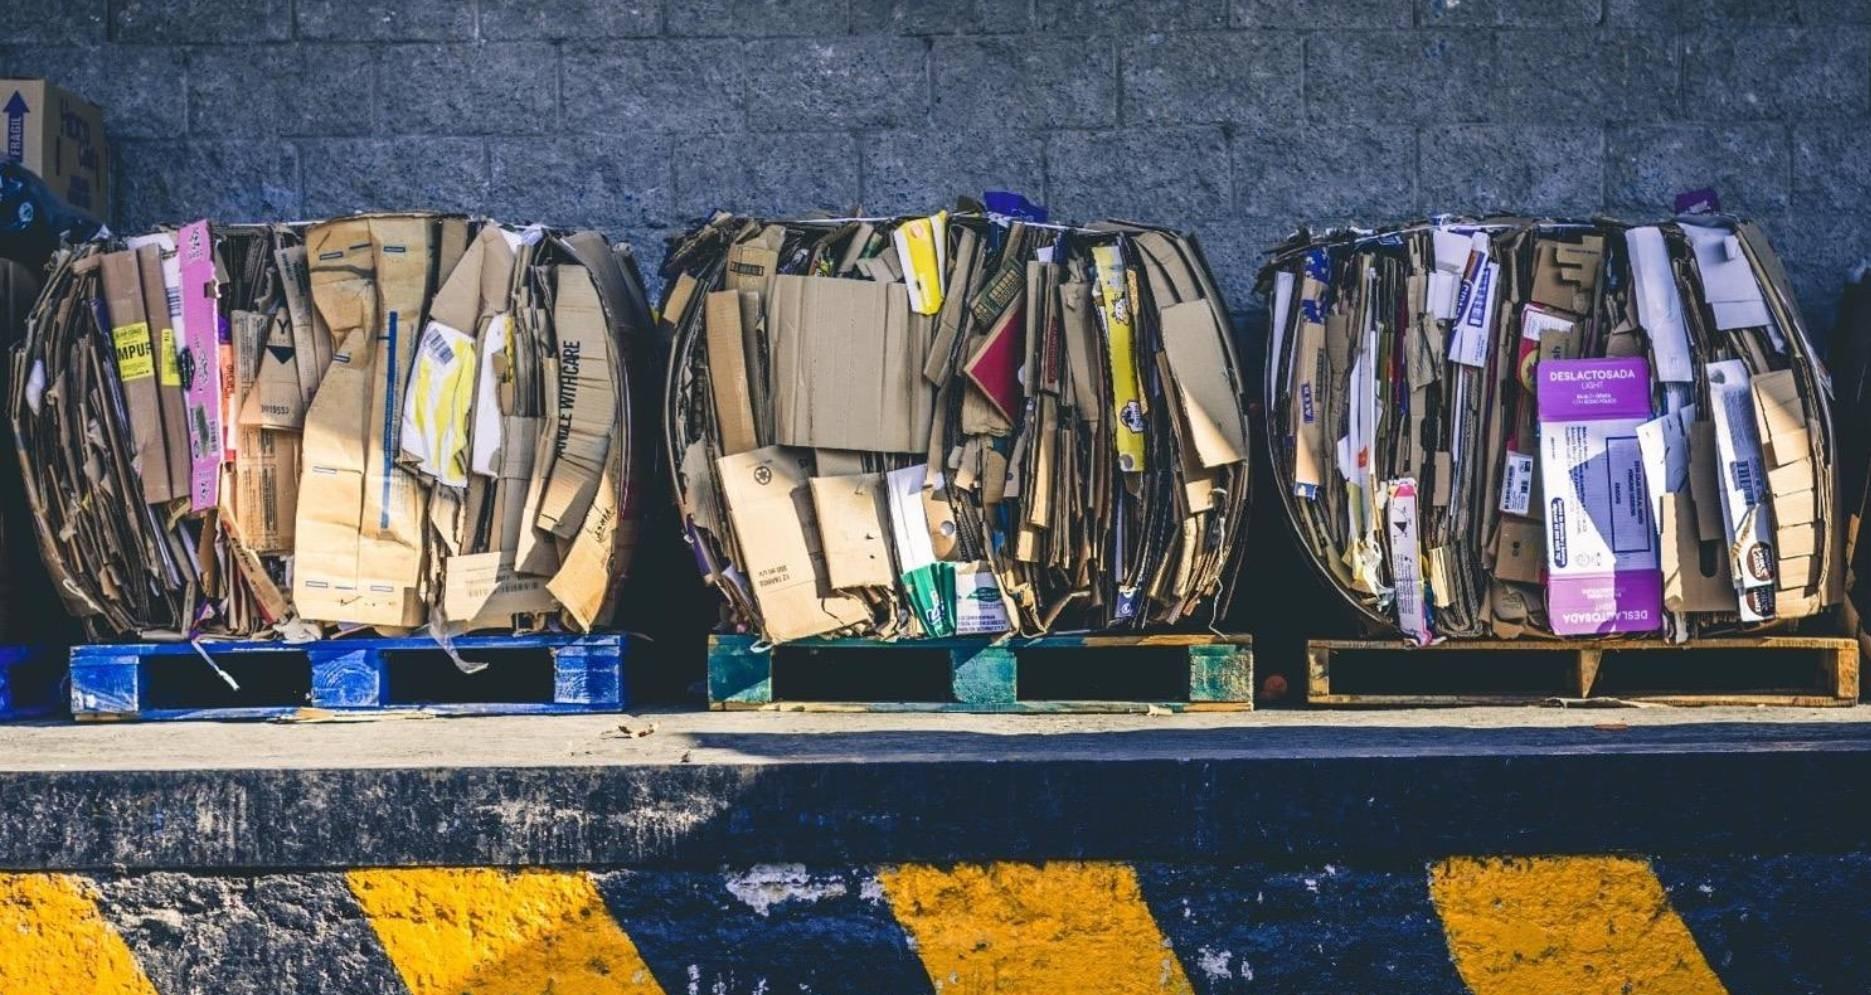 Wachlarz produktów pochodzących z recyklingu, a dedykowanych drukarniom jest coraz szerszy.  (źródło zdjęcia: www.pgpaper.com)